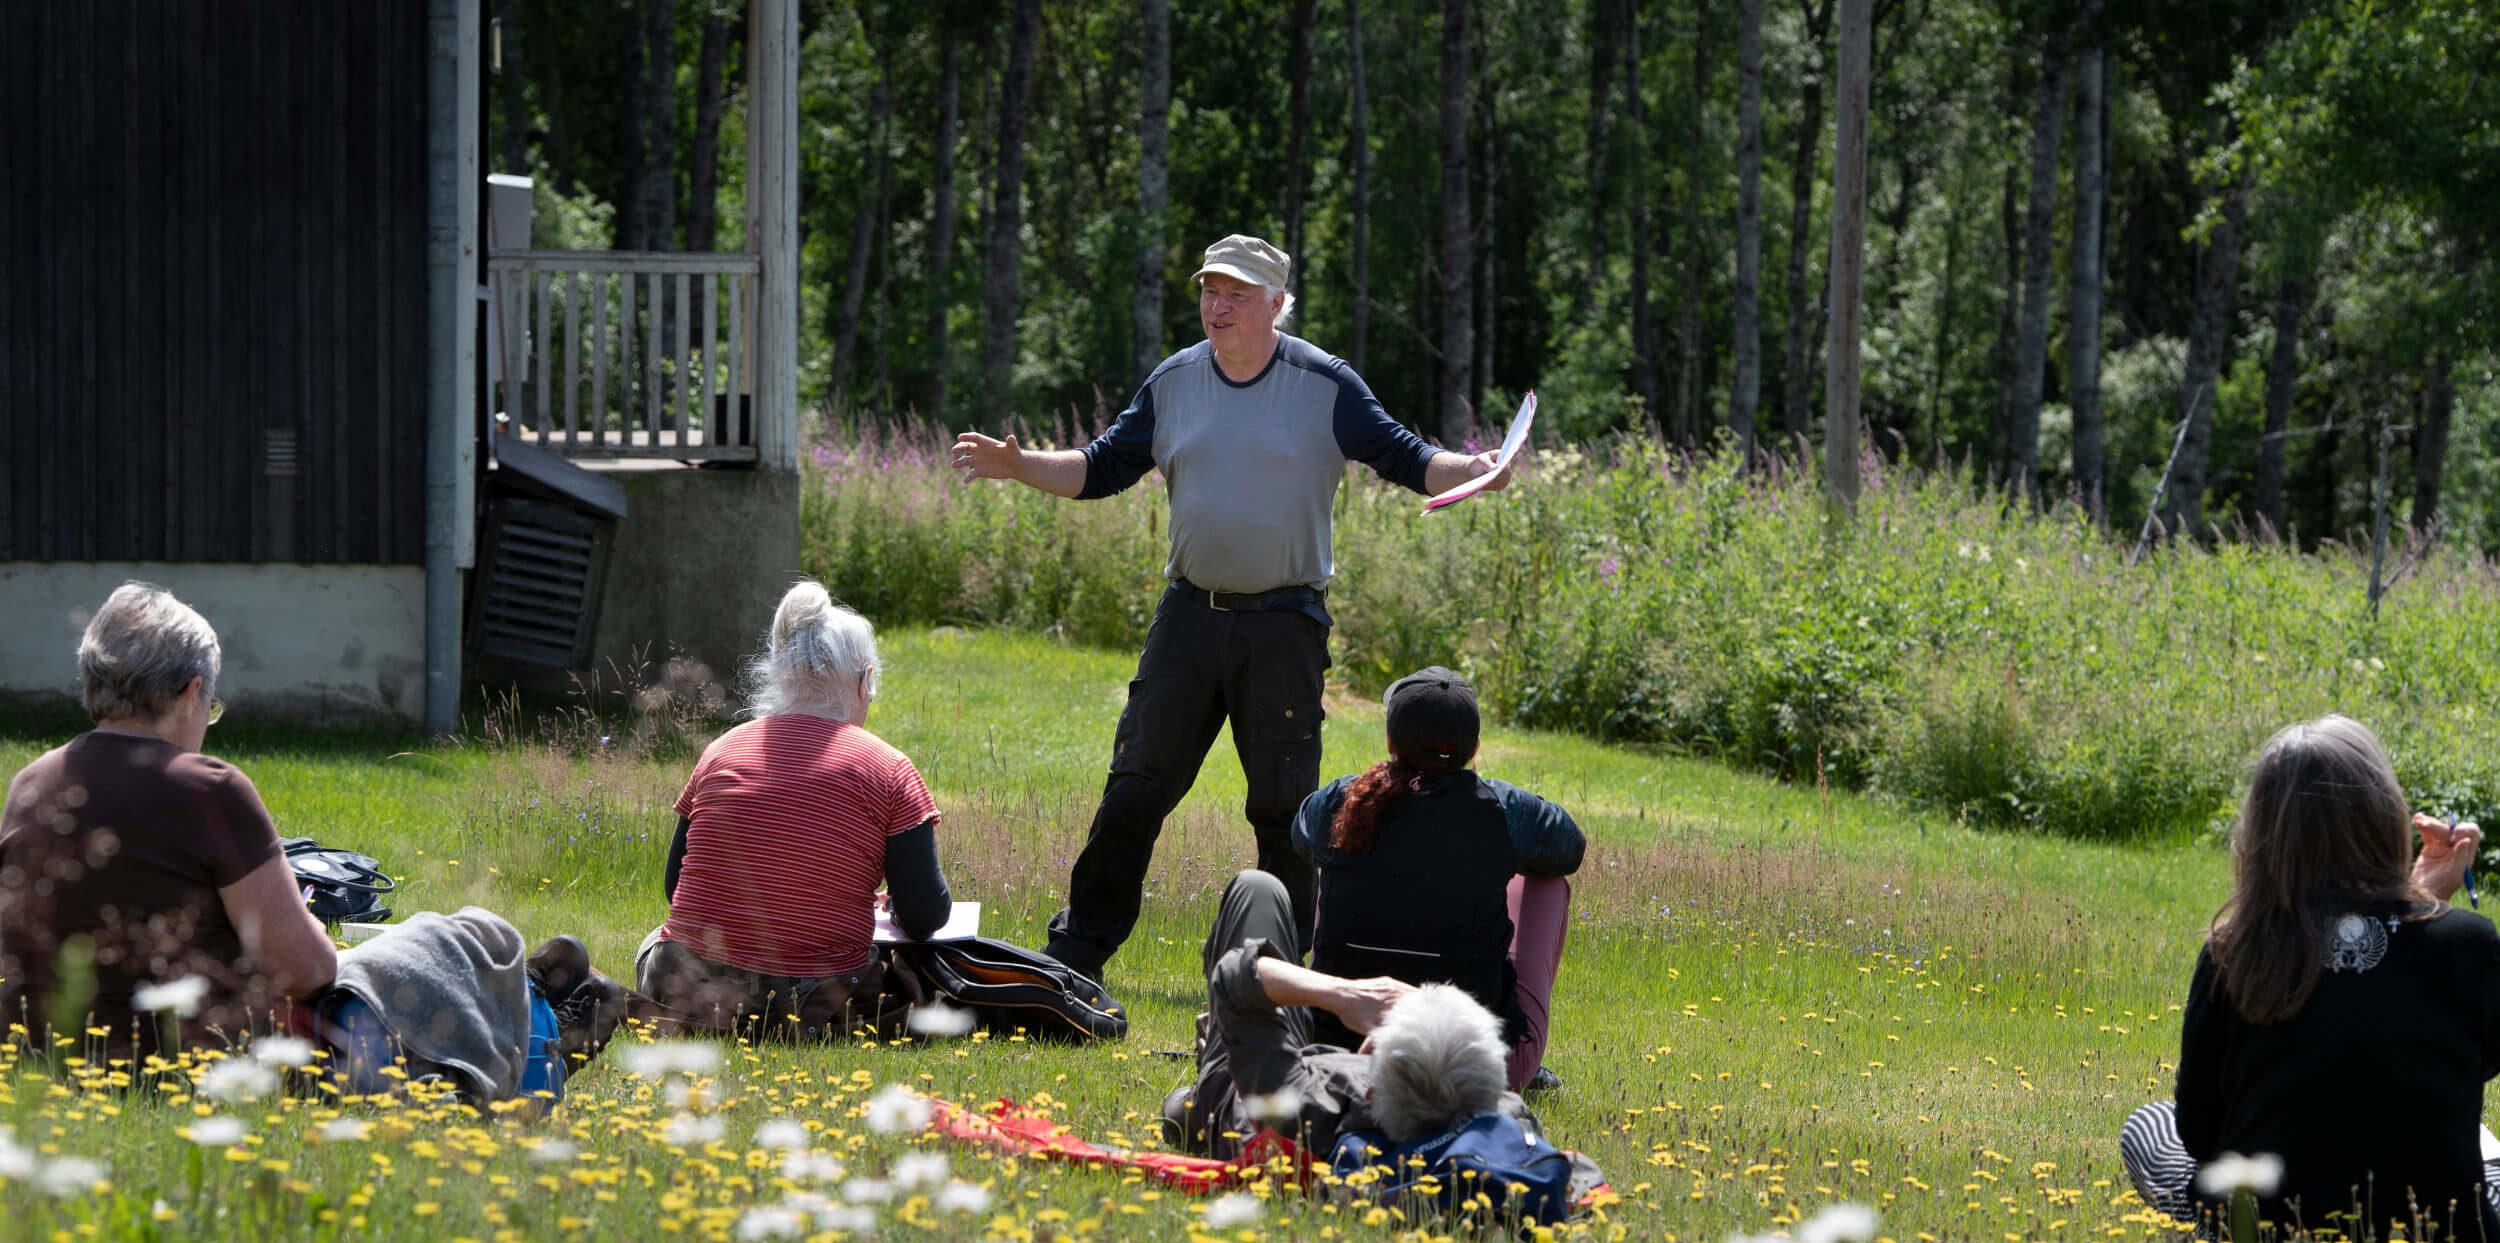 En man håller en kurs utomhus